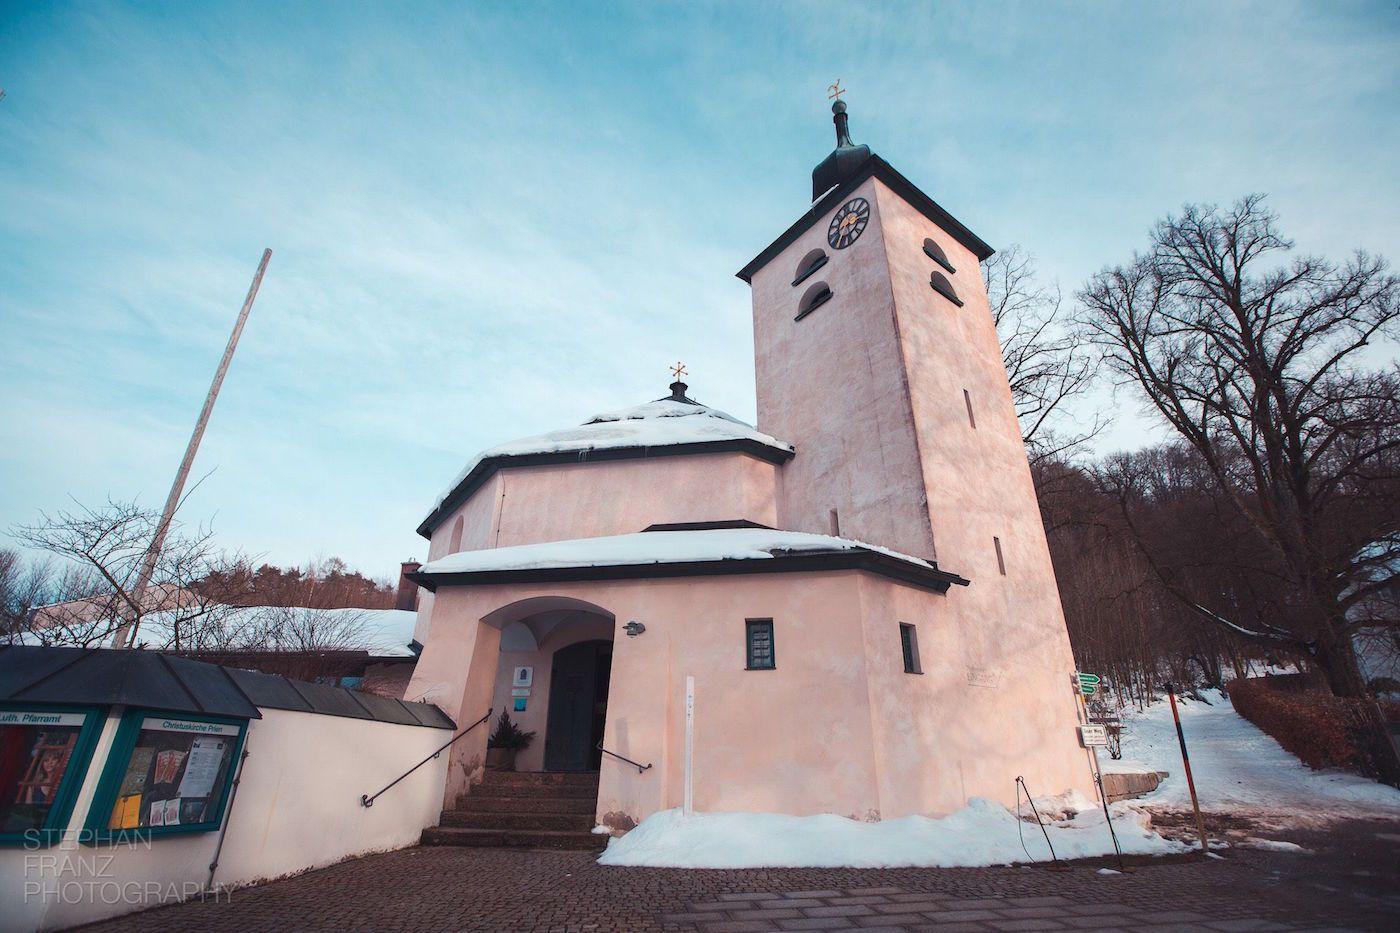 pia und markus hochzeitsfotograf rosenheim valentinstag stephan franz photography-31